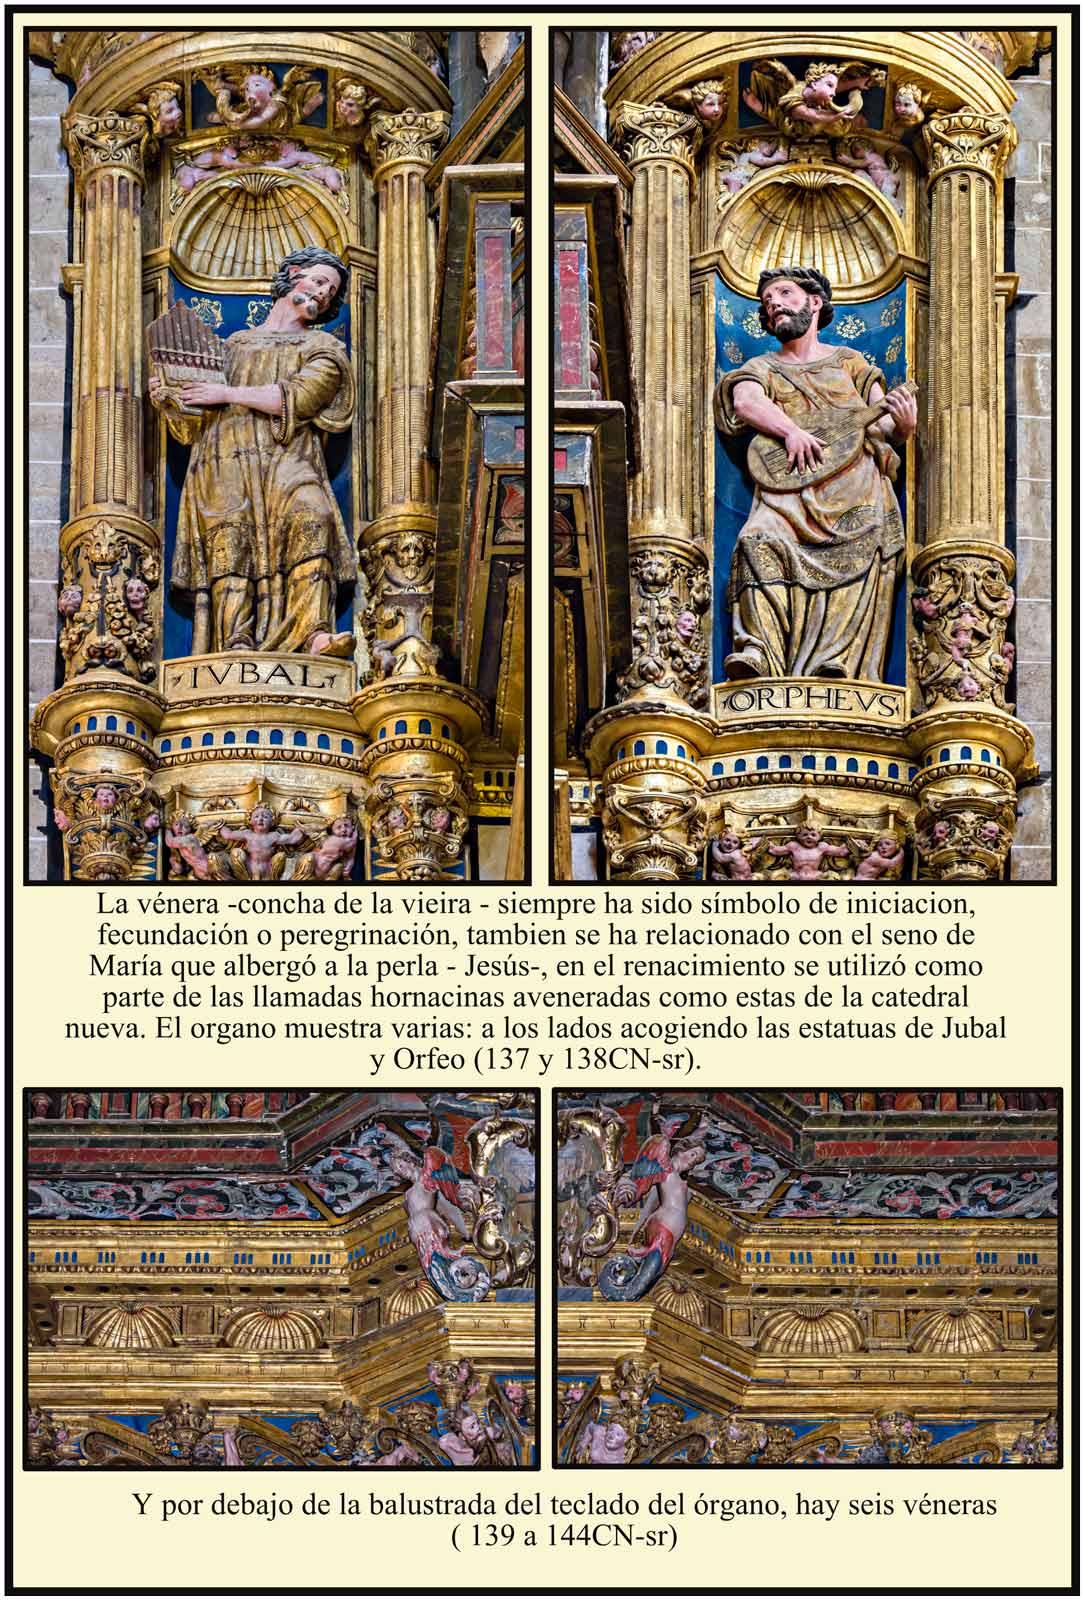 Organo barroco con hornacinas aveneradas y veneras